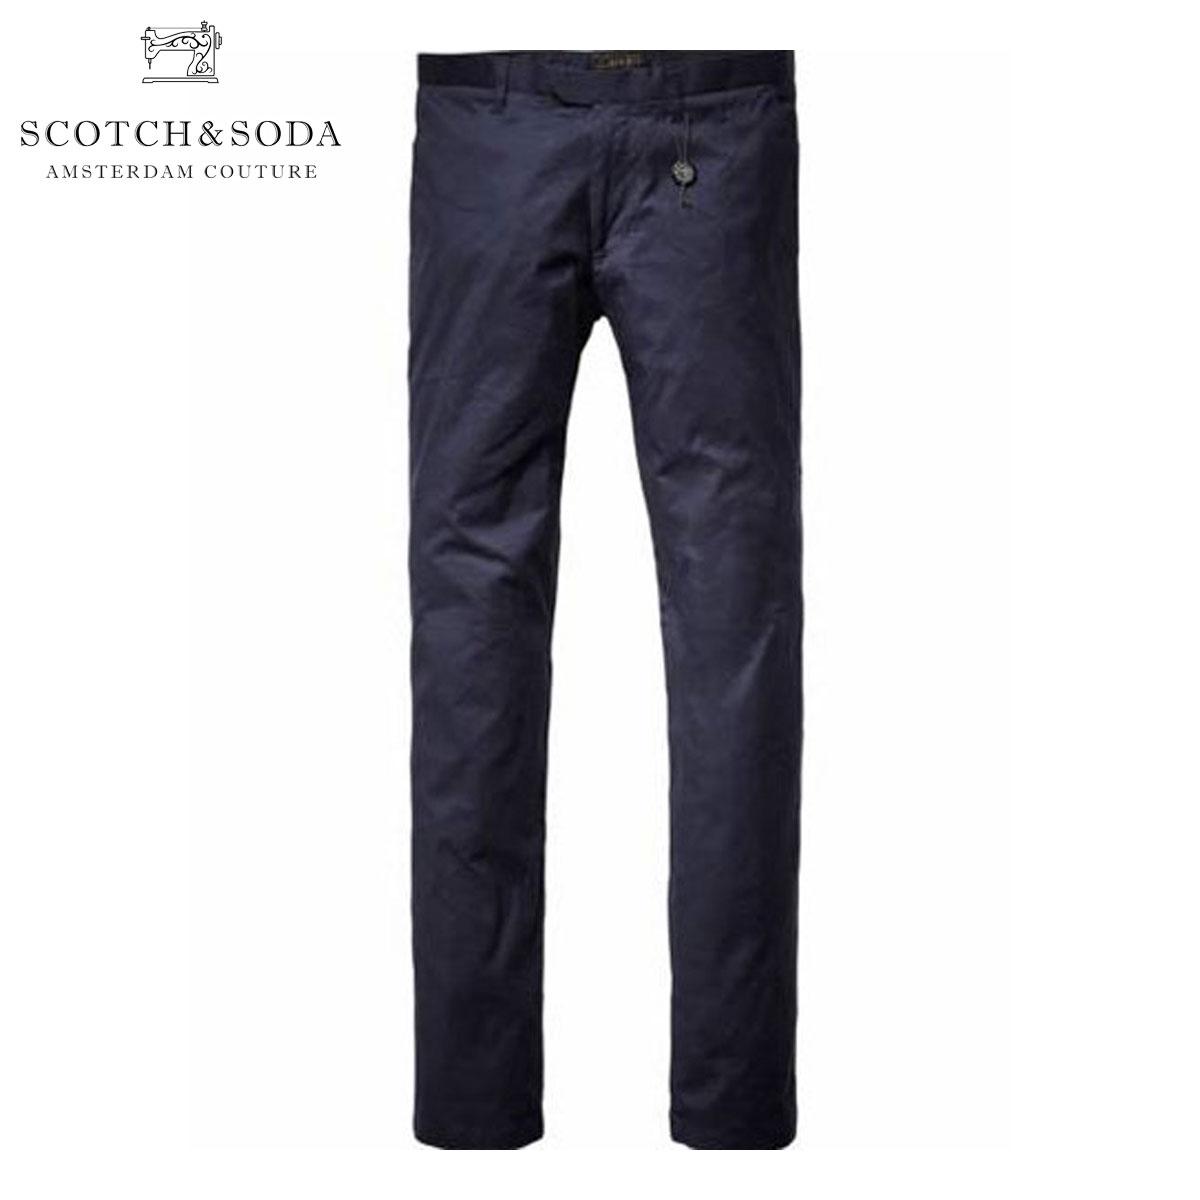 スコッチアンドソーダ SCOTCH&SODA 正規販売店 メンズ ロングパンツ Dress pant in satin look 80030 57 NAVY D15S25